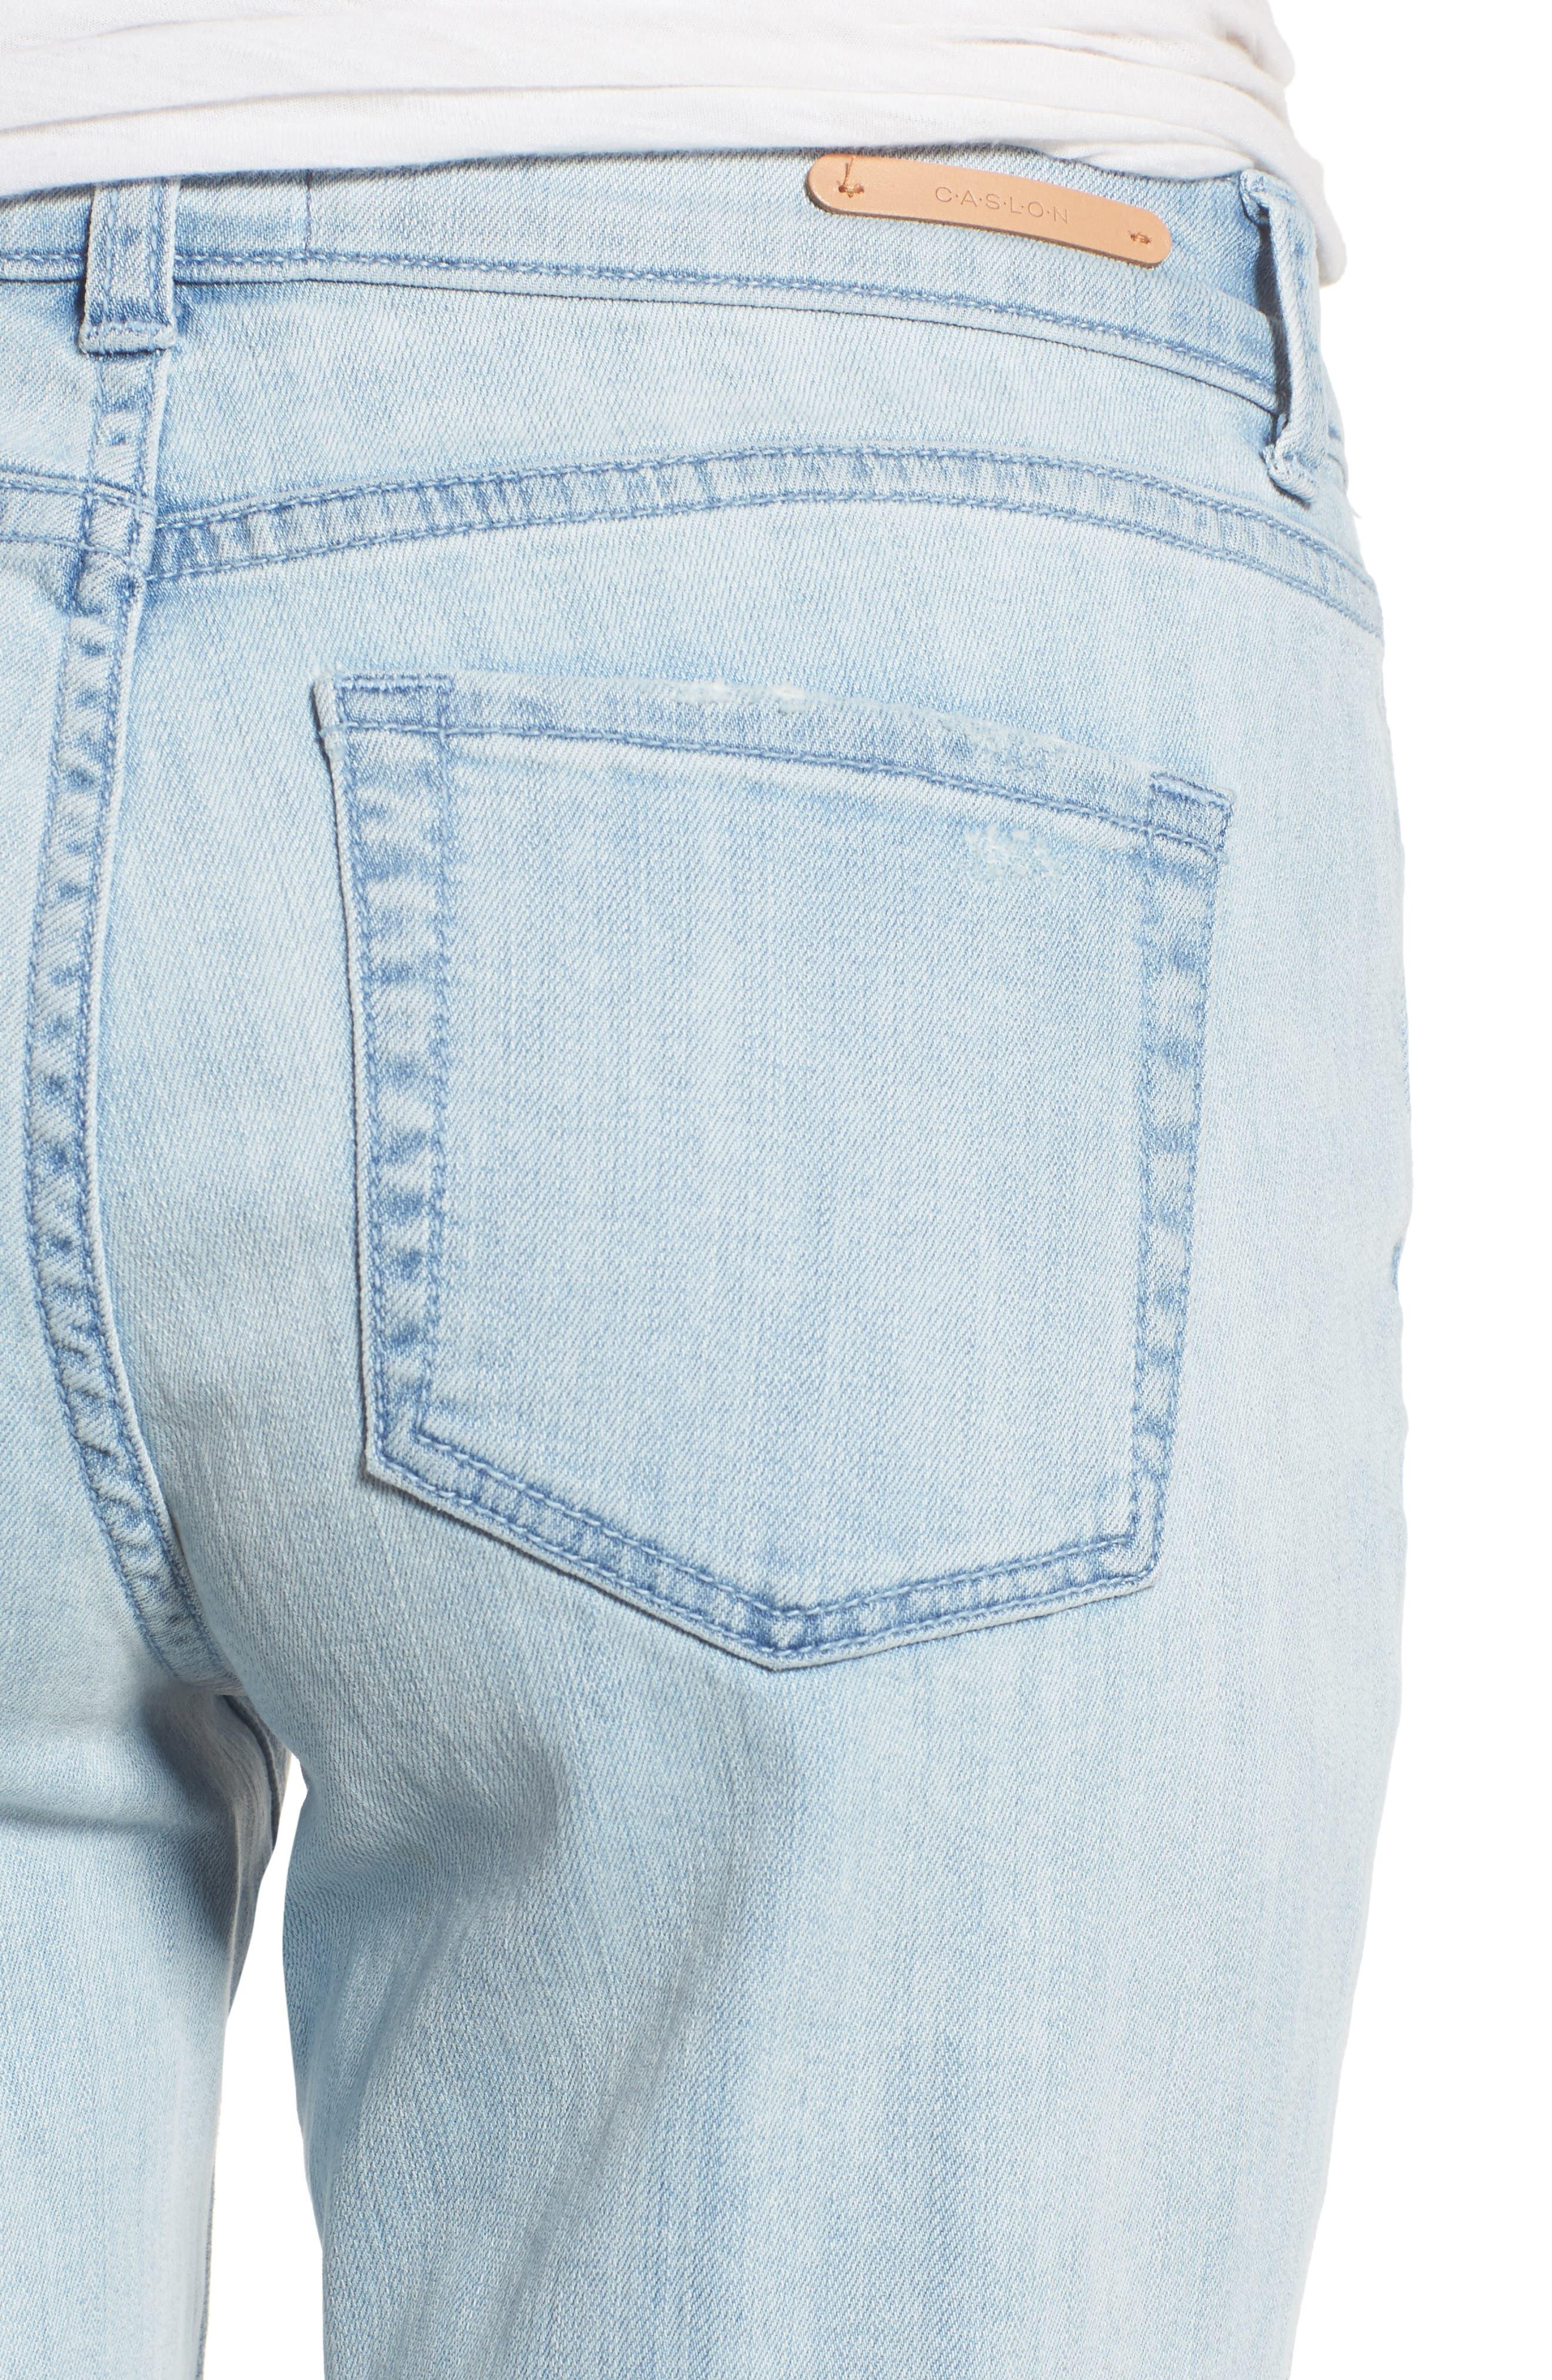 Distressed Boyfriend Jeans,                             Alternate thumbnail 4, color,                             Platinum Light Wash